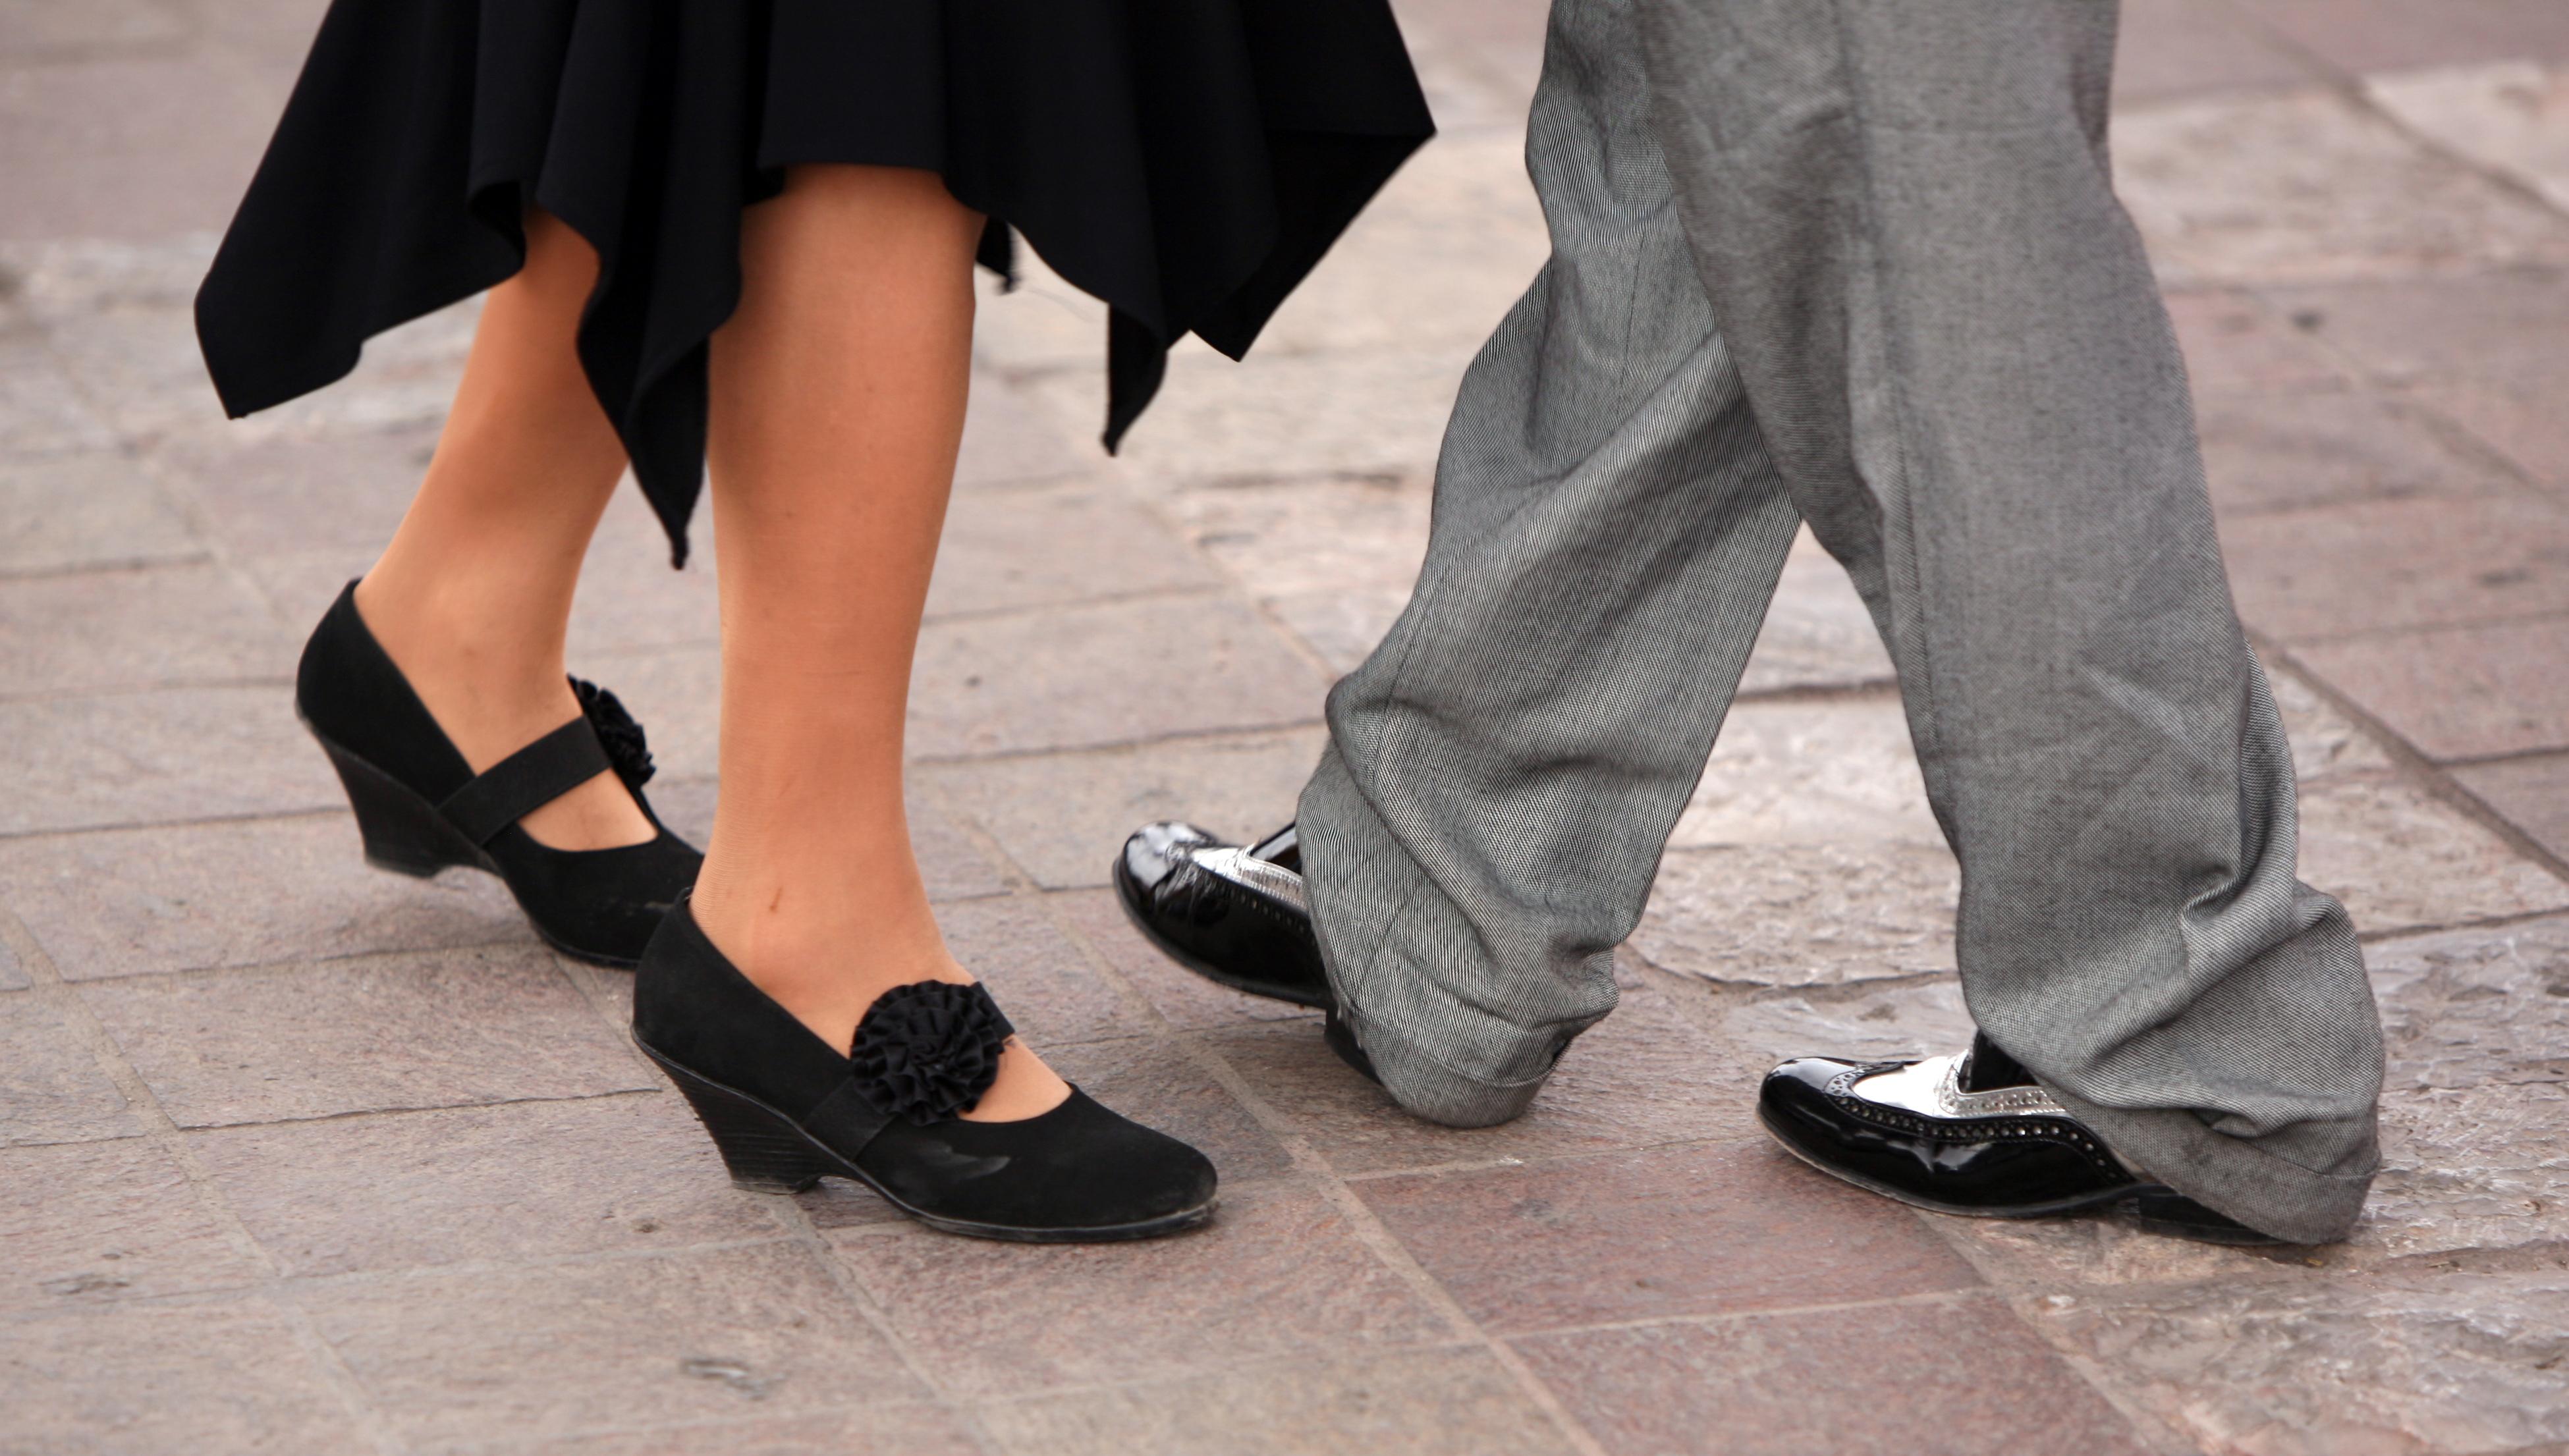 Számos tánccipő létezik